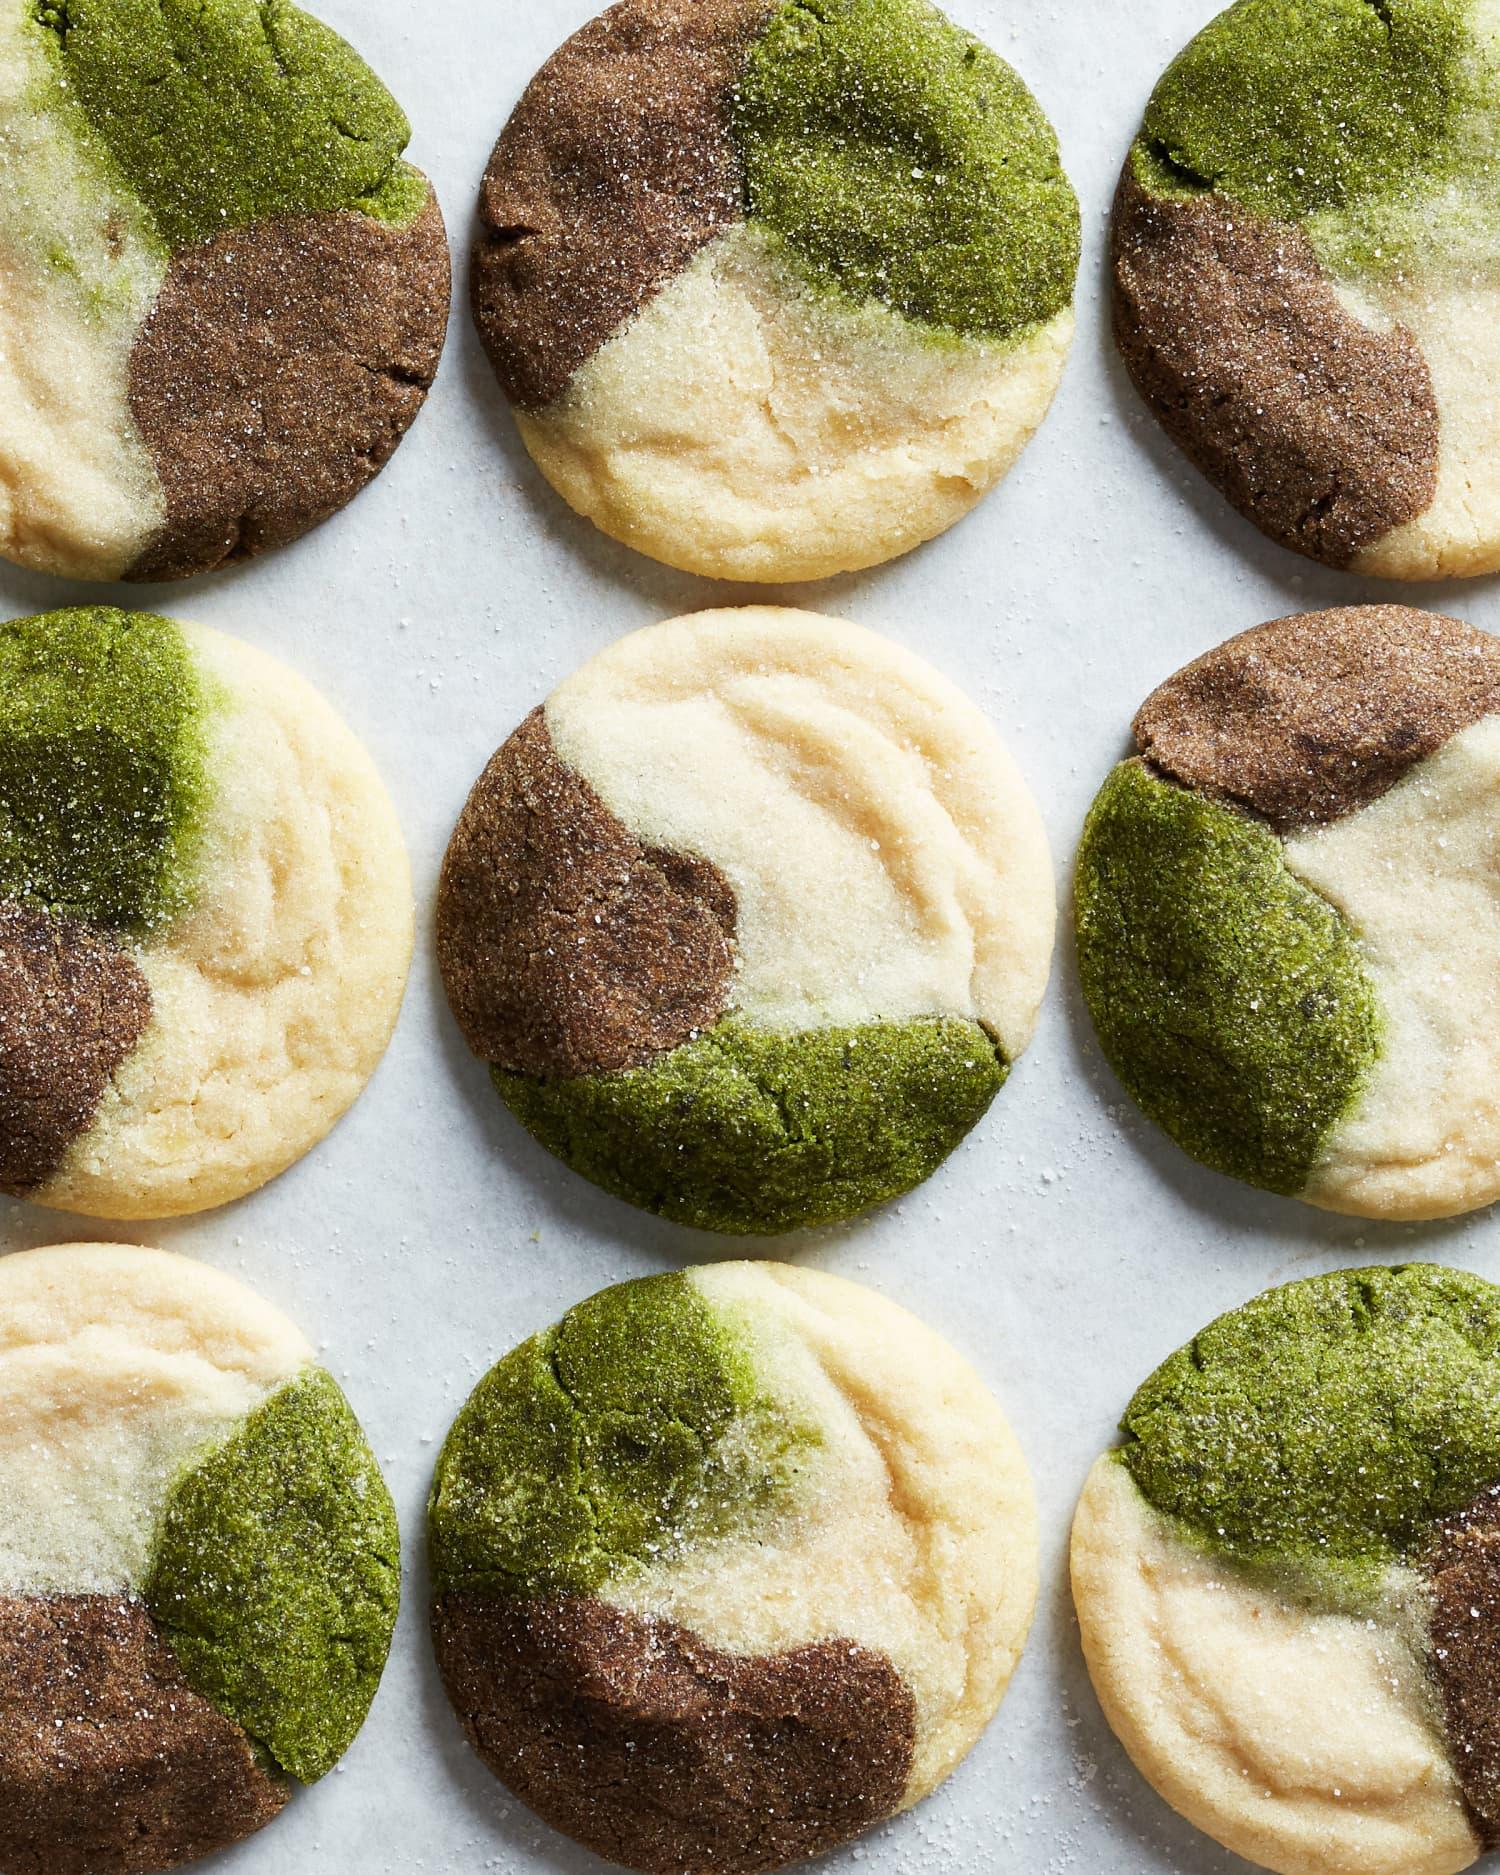 The Instagram-Famous Neapolitan Sugar Cookies Just Got Even Tastier